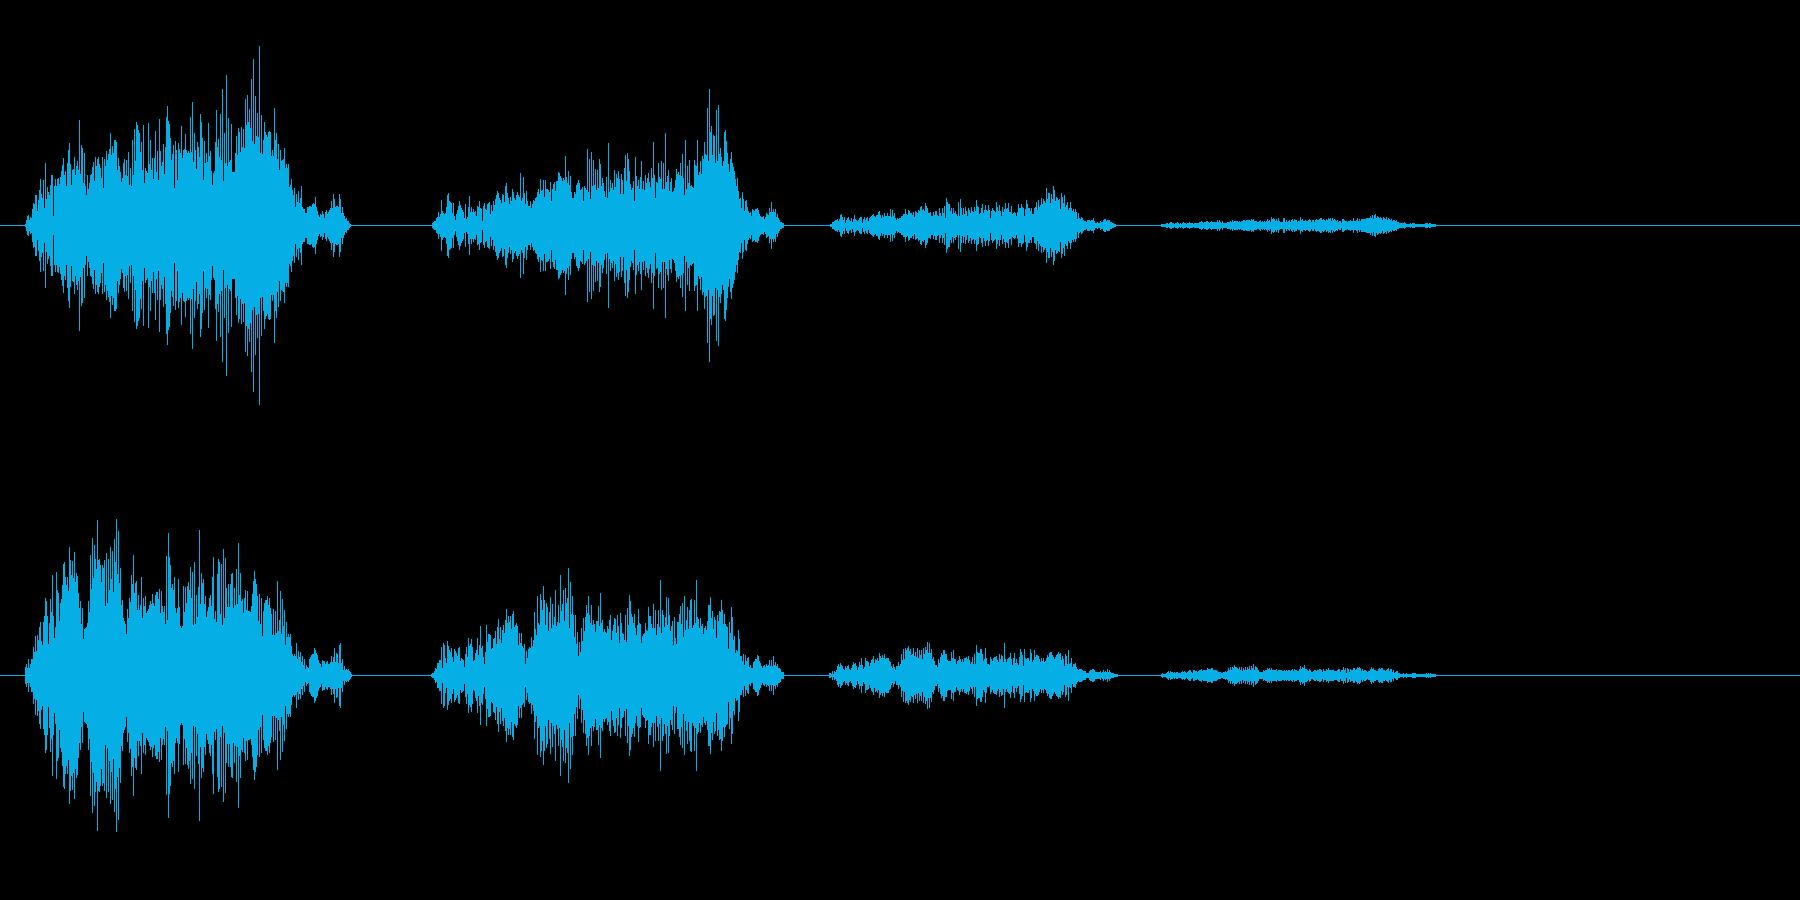 チュ〜チェ↑チェチェの音の再生済みの波形